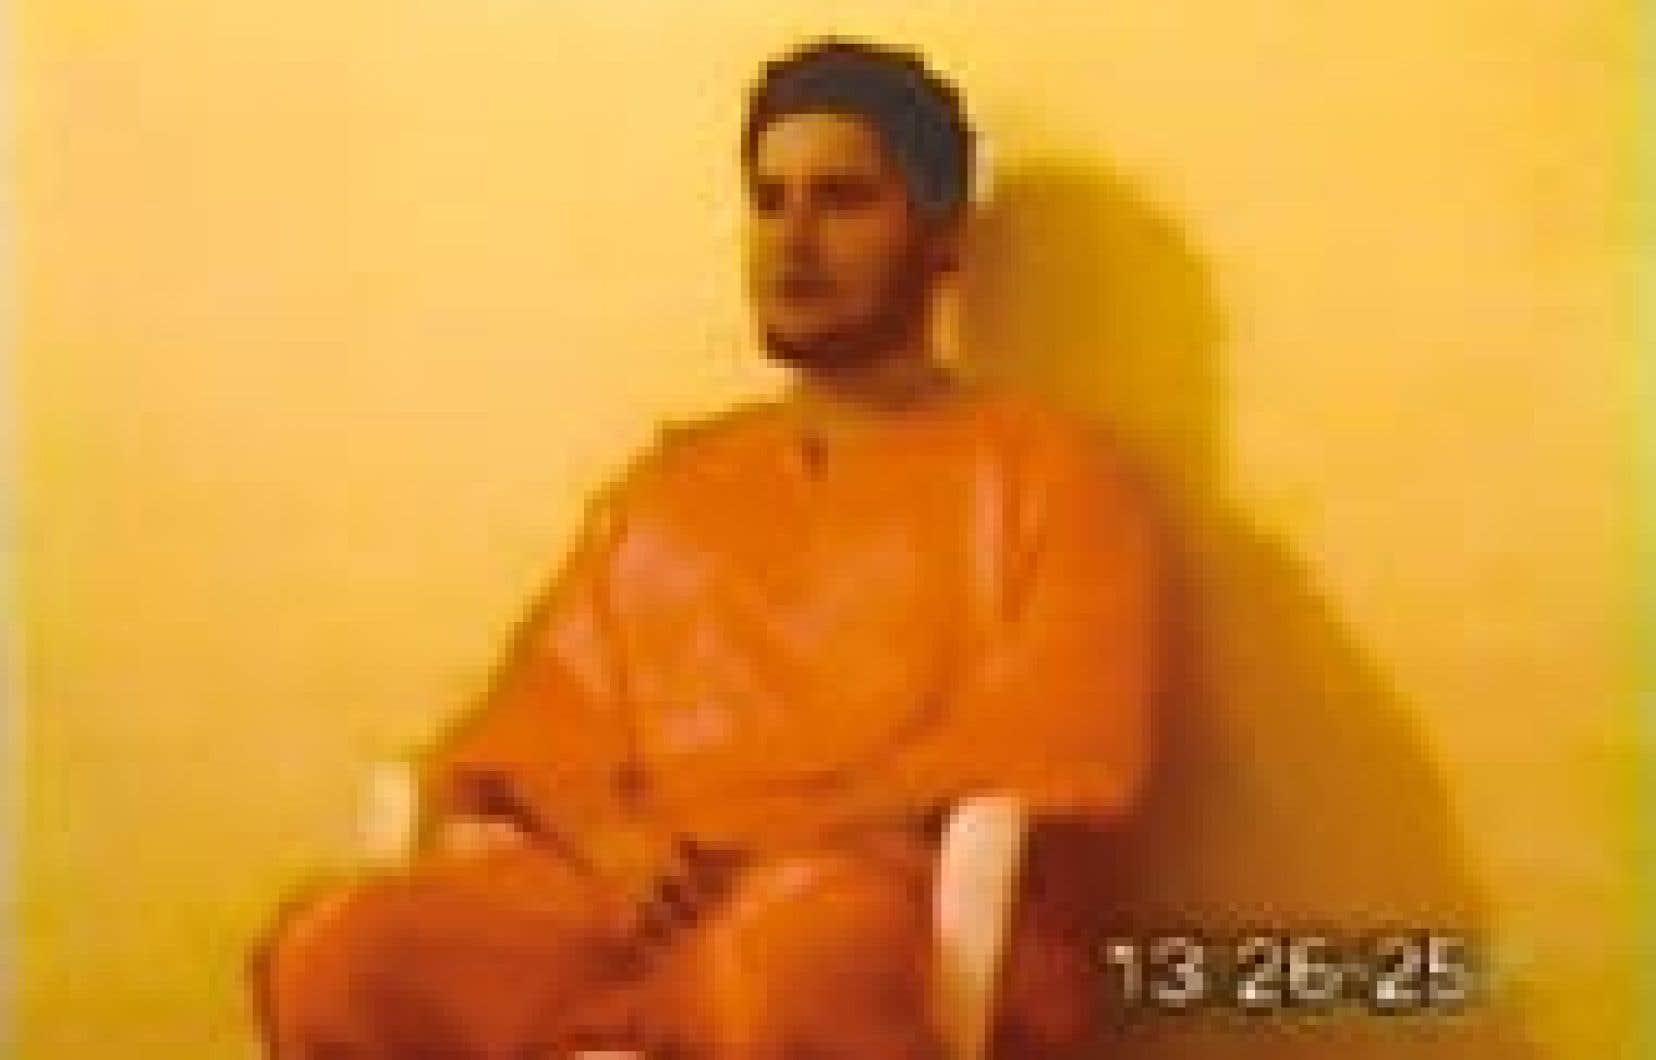 Les meurtriers de Nick Berg ont diffusé une vidéo sur Internet.